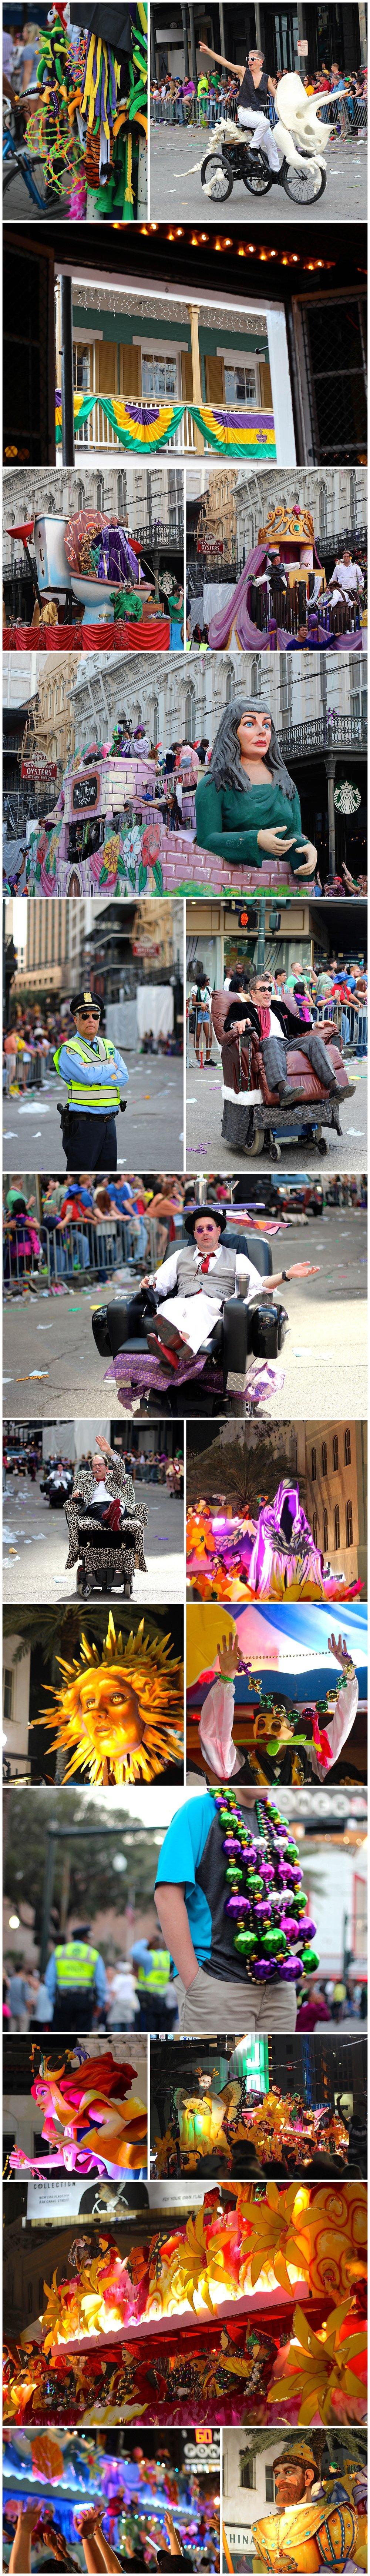 New Orleans Mardi Gras parades (Tucks, Endymion)